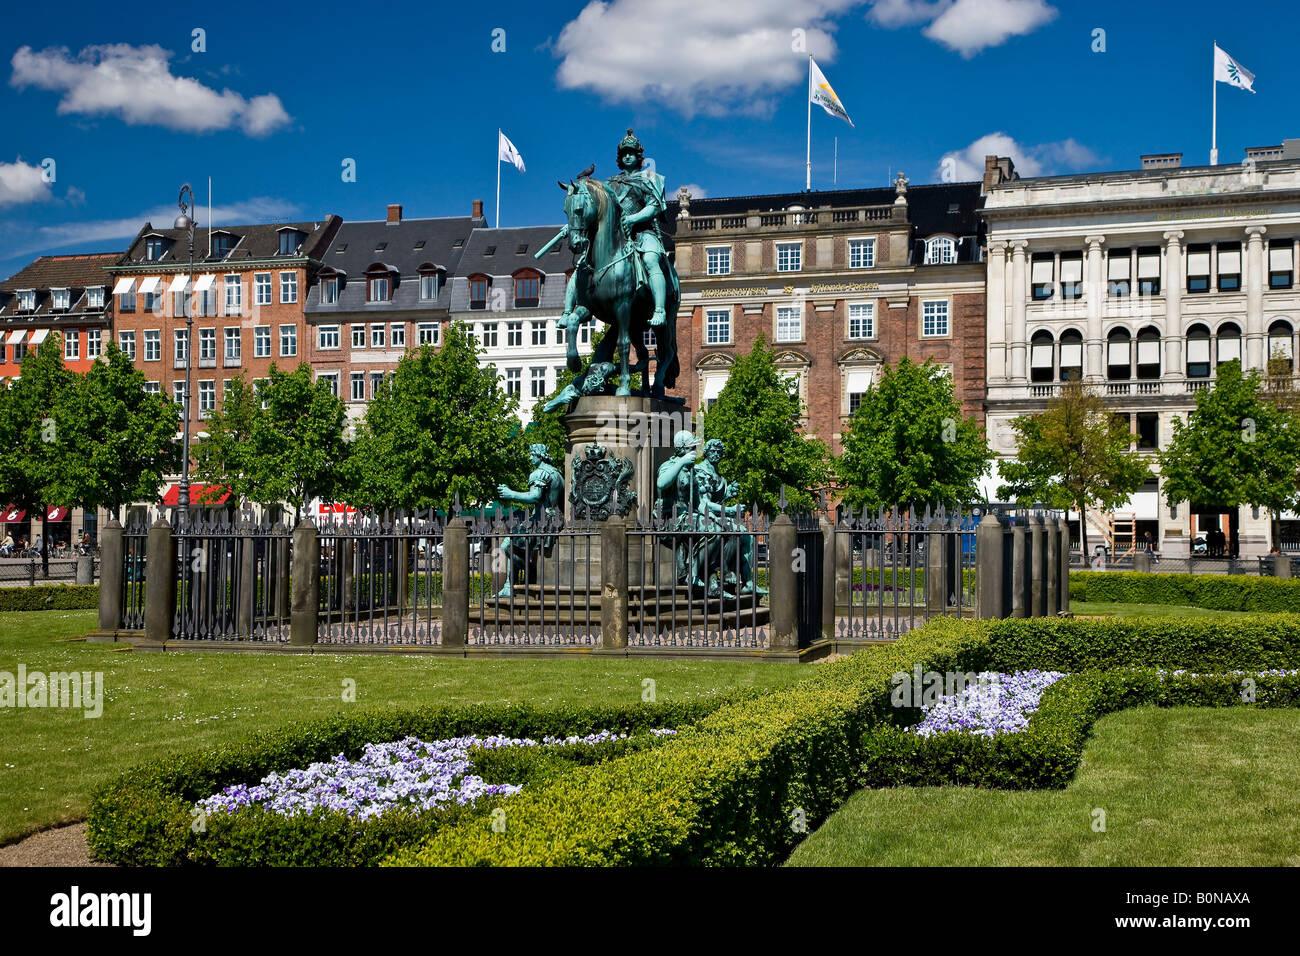 Kongens Nytorv in the center of Copenhagen - Stock Image